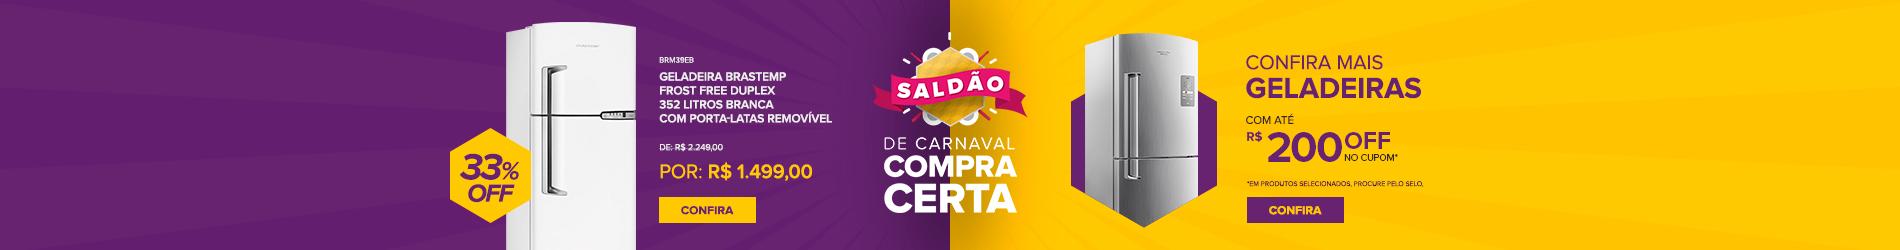 Promoção Interna - 2251 - saldao-carnaval_brm39eb-cupomrefri-duplo_14022018_home1 - brm39eb-cupomrefri-duplo - 1